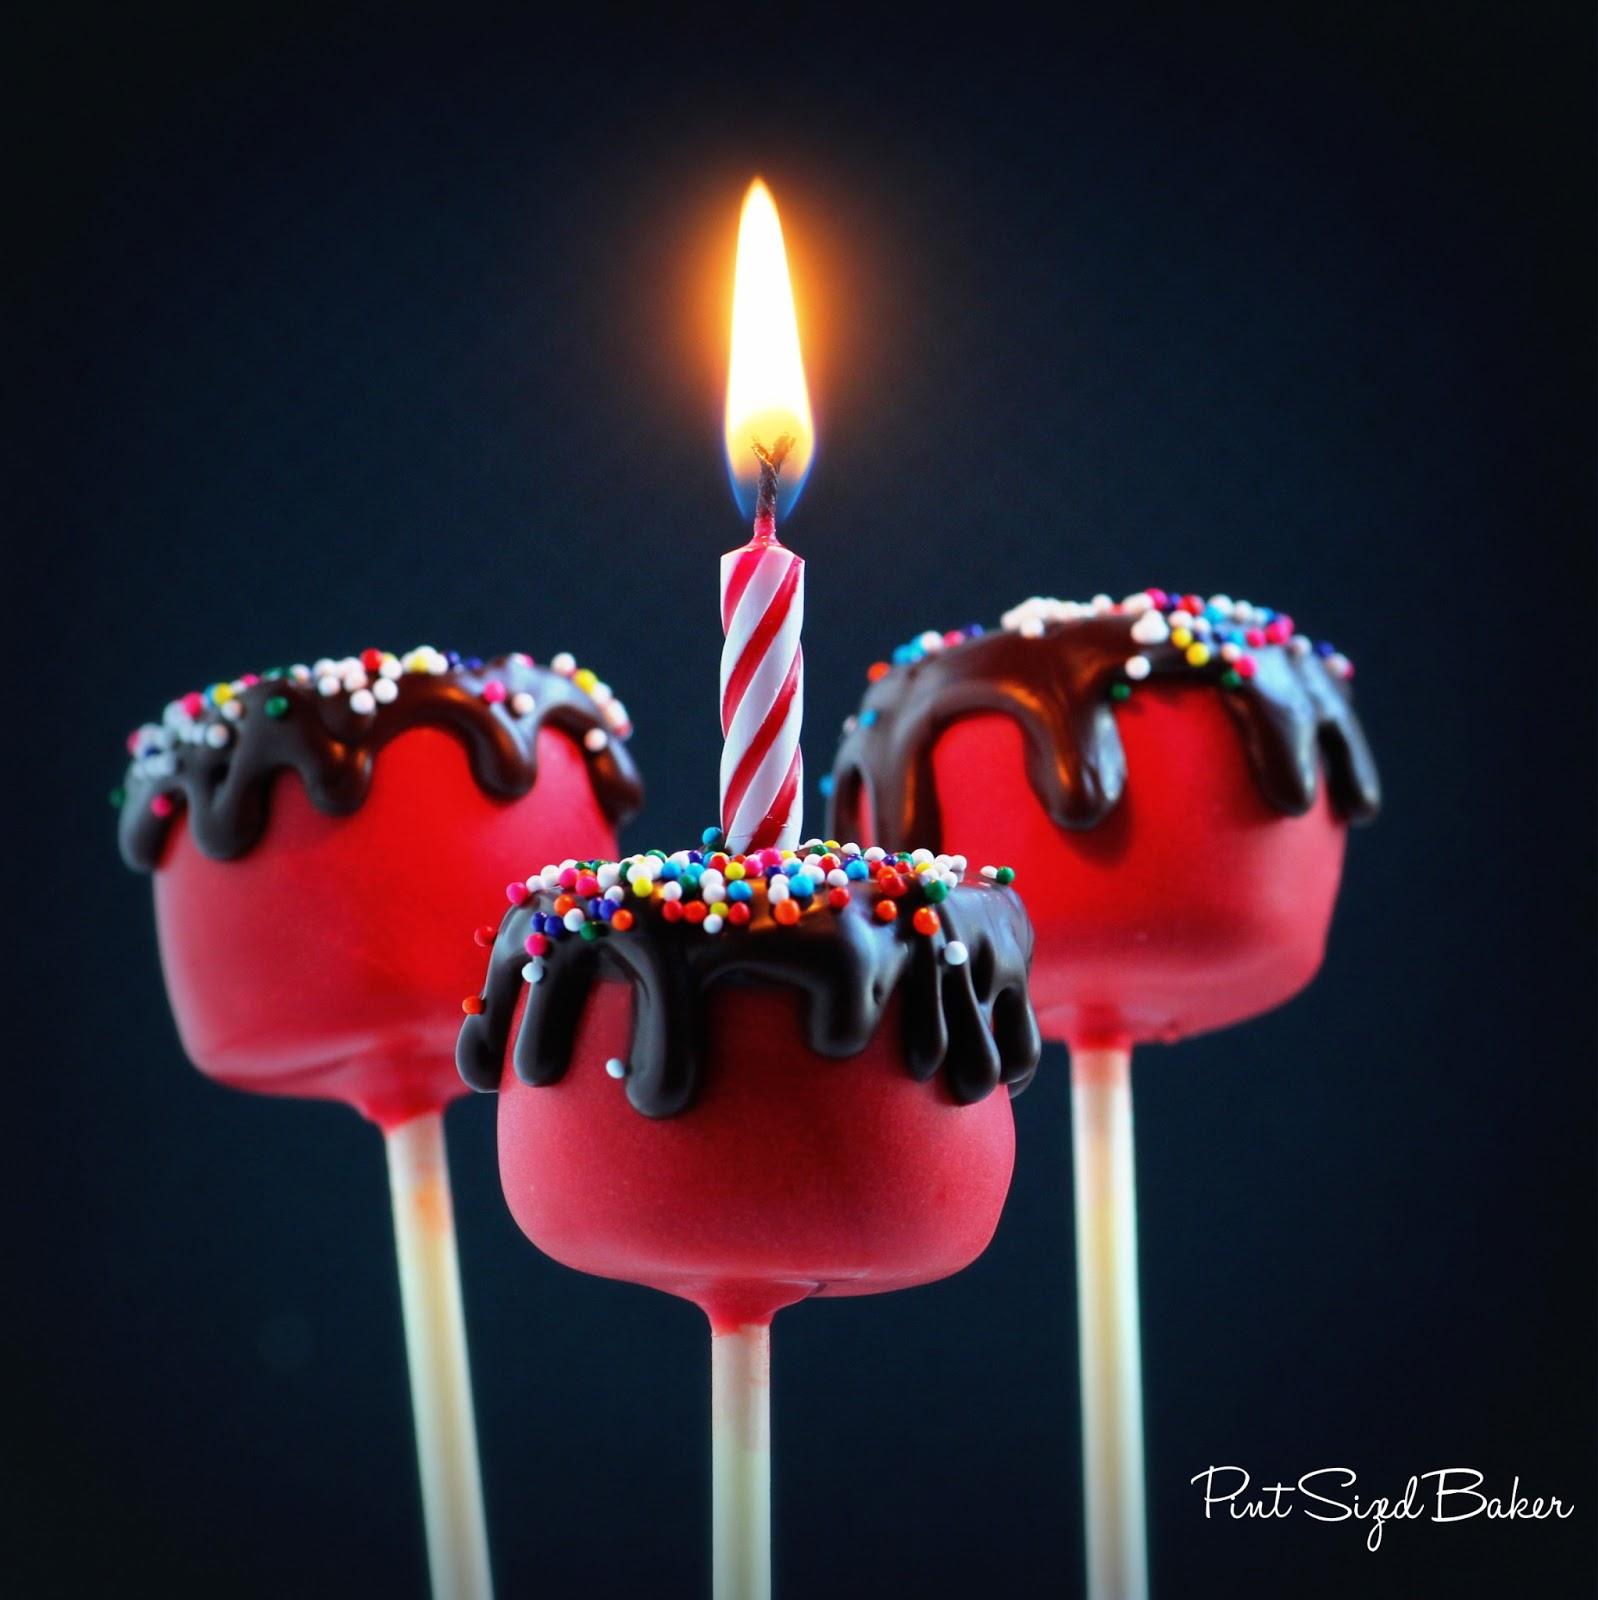 Happy Birthday Cake Cake Pops Pint Sized Baker - Cake pop birthday cake